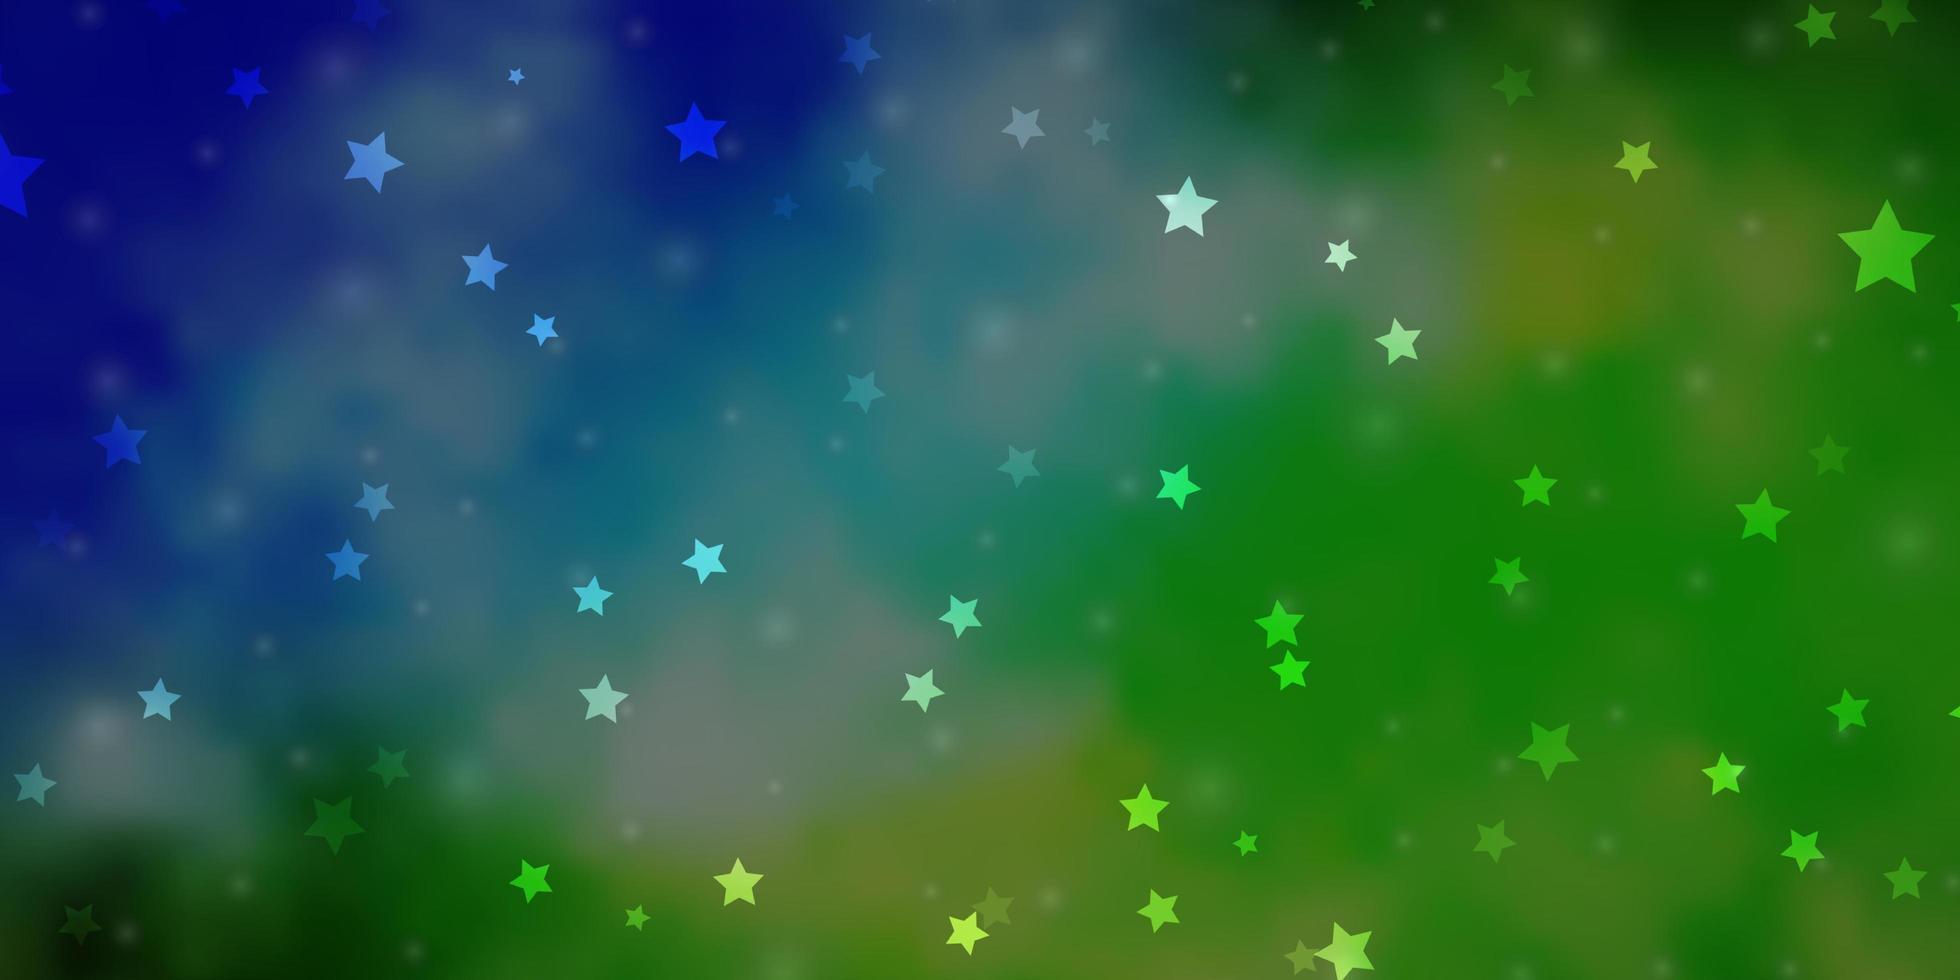 ljusblå, grön vektorlayout med ljusa stjärnor. vektor